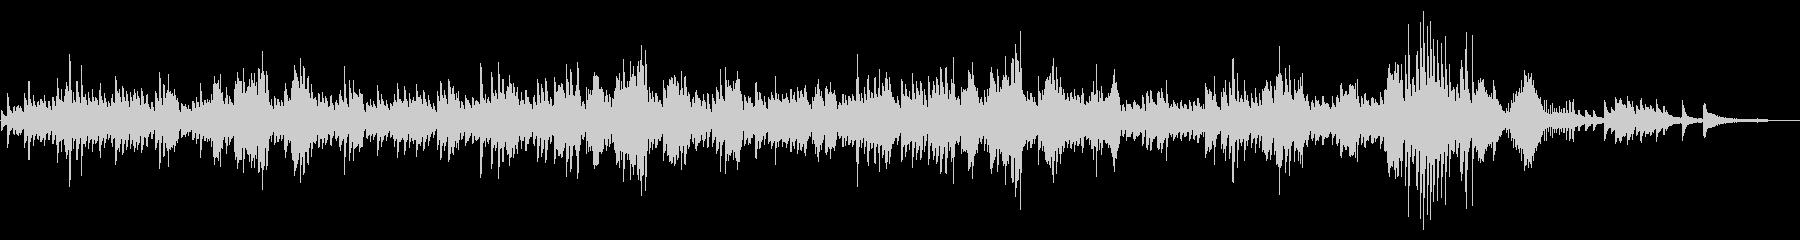 ショパン、ノクターン第2番の未再生の波形